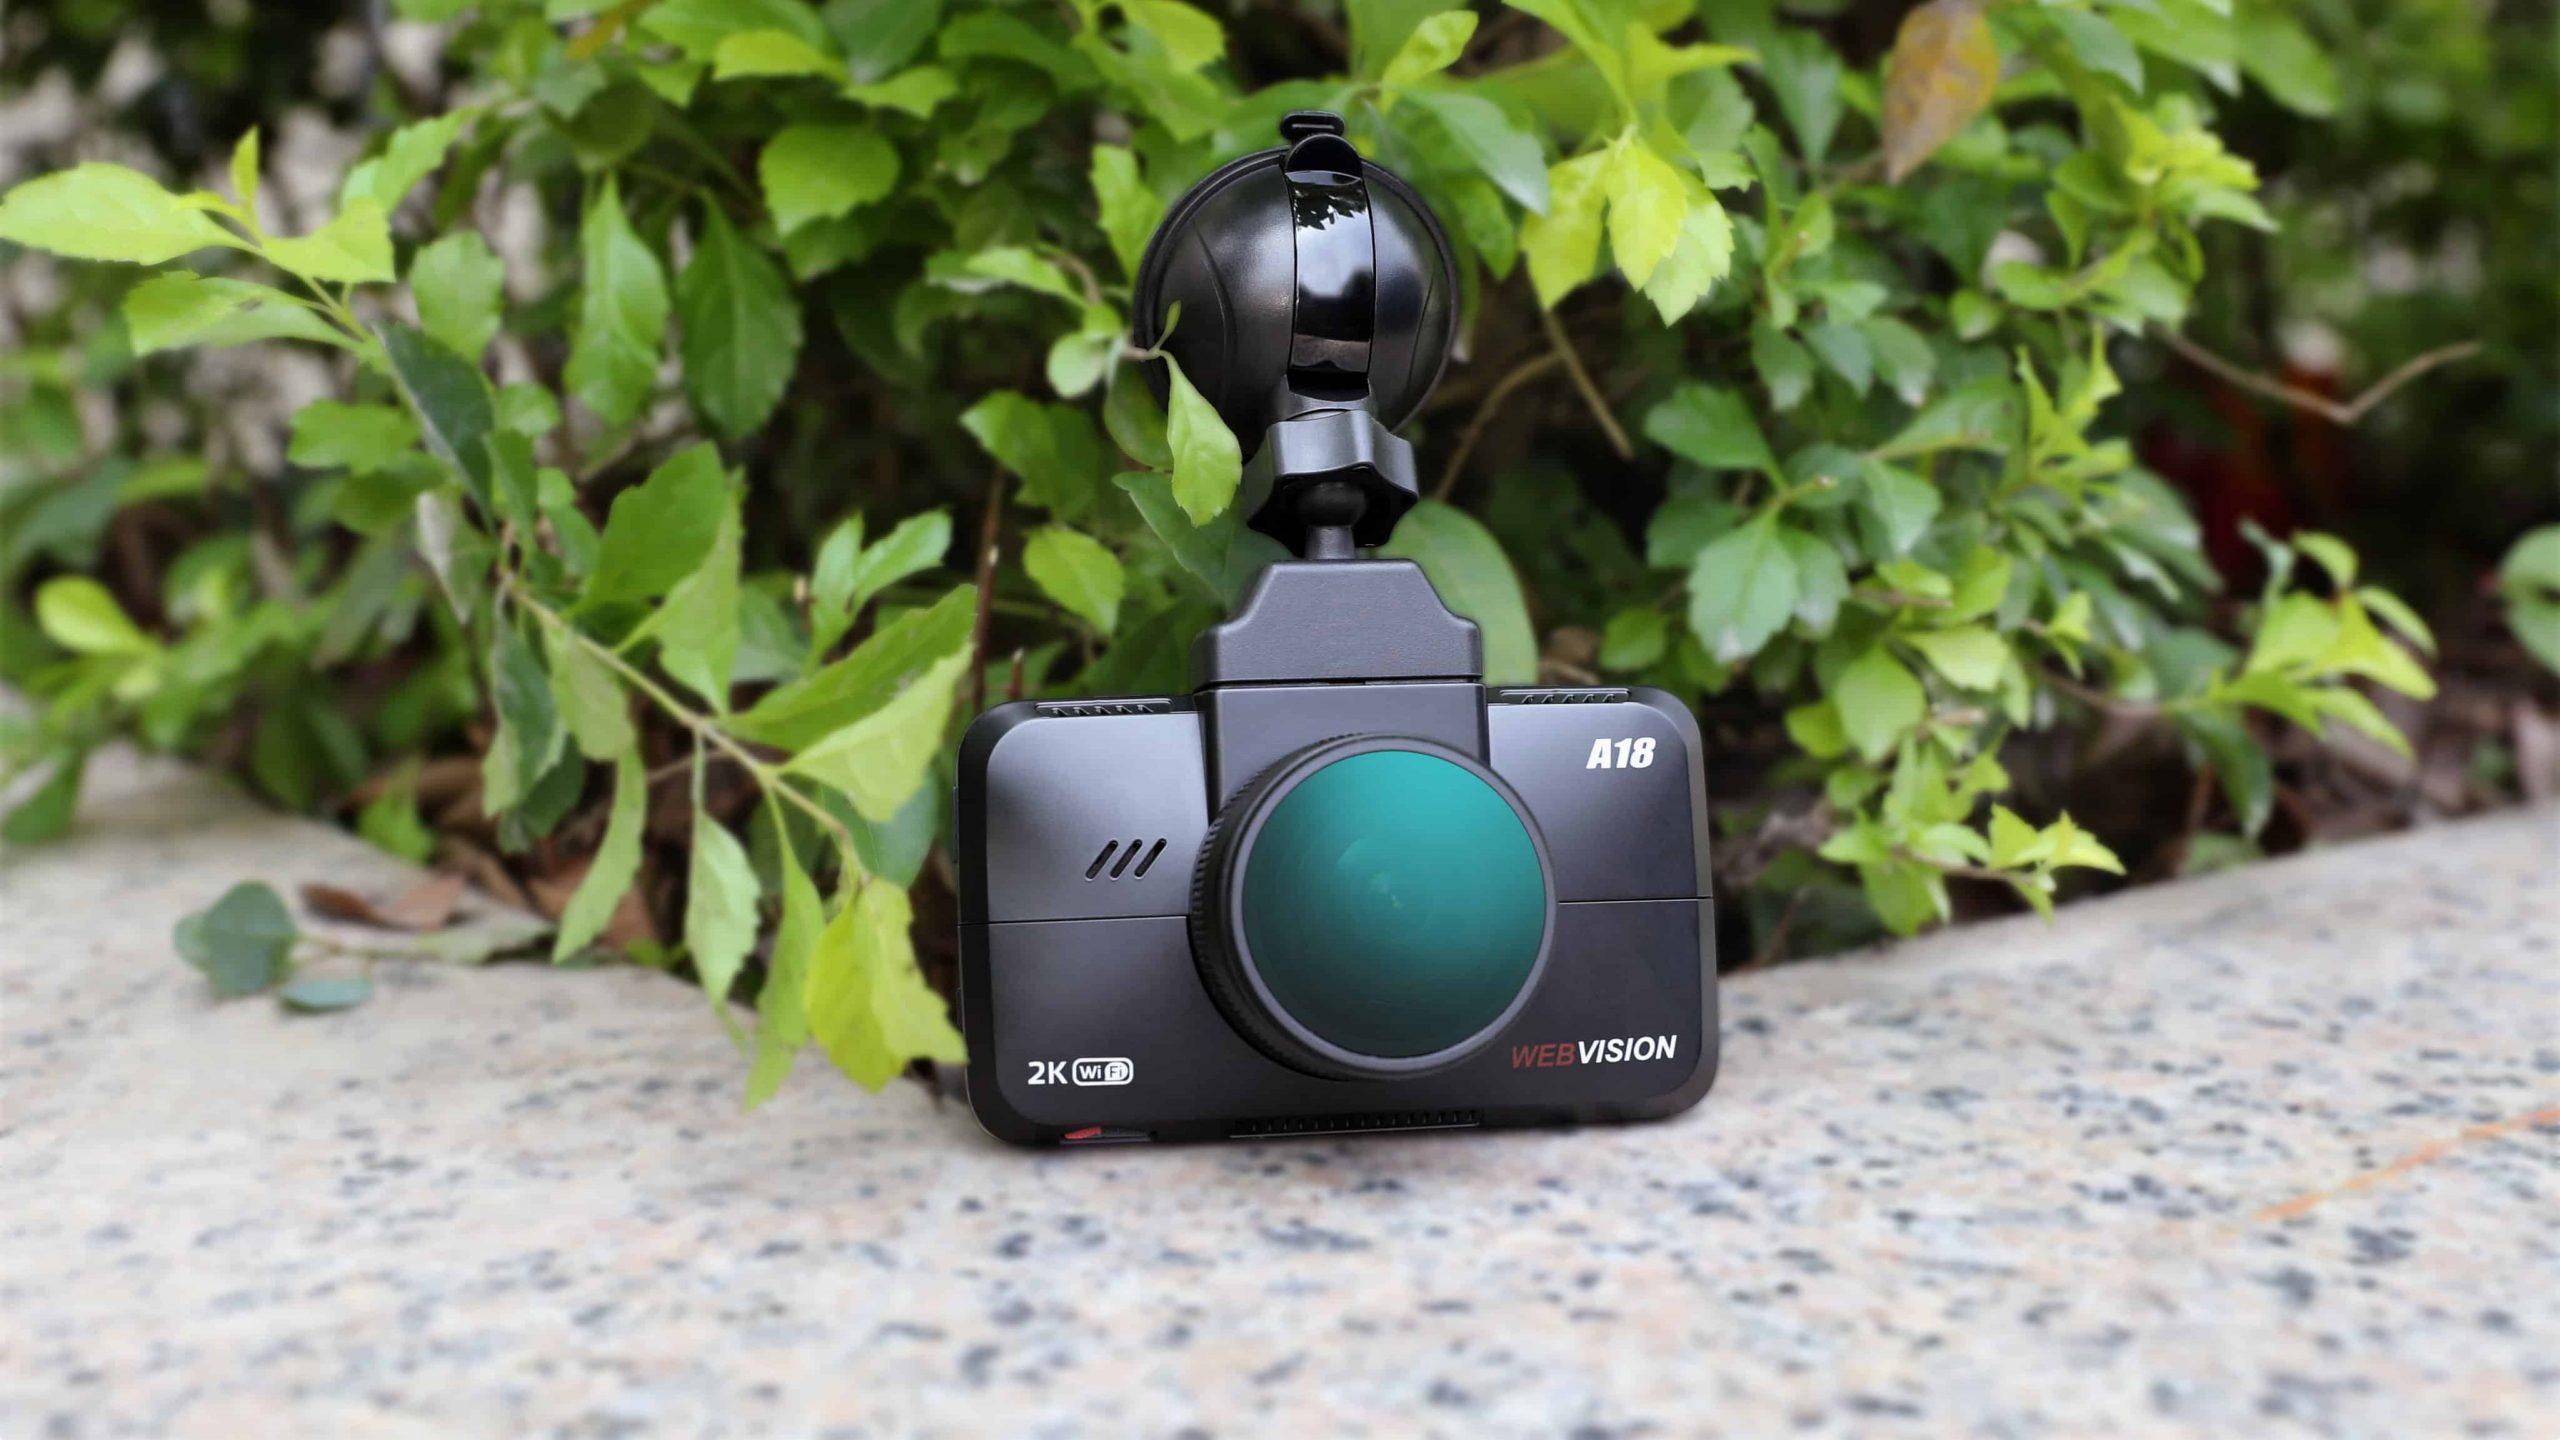 Camera hành trình 2K & Góc quay 170 độ